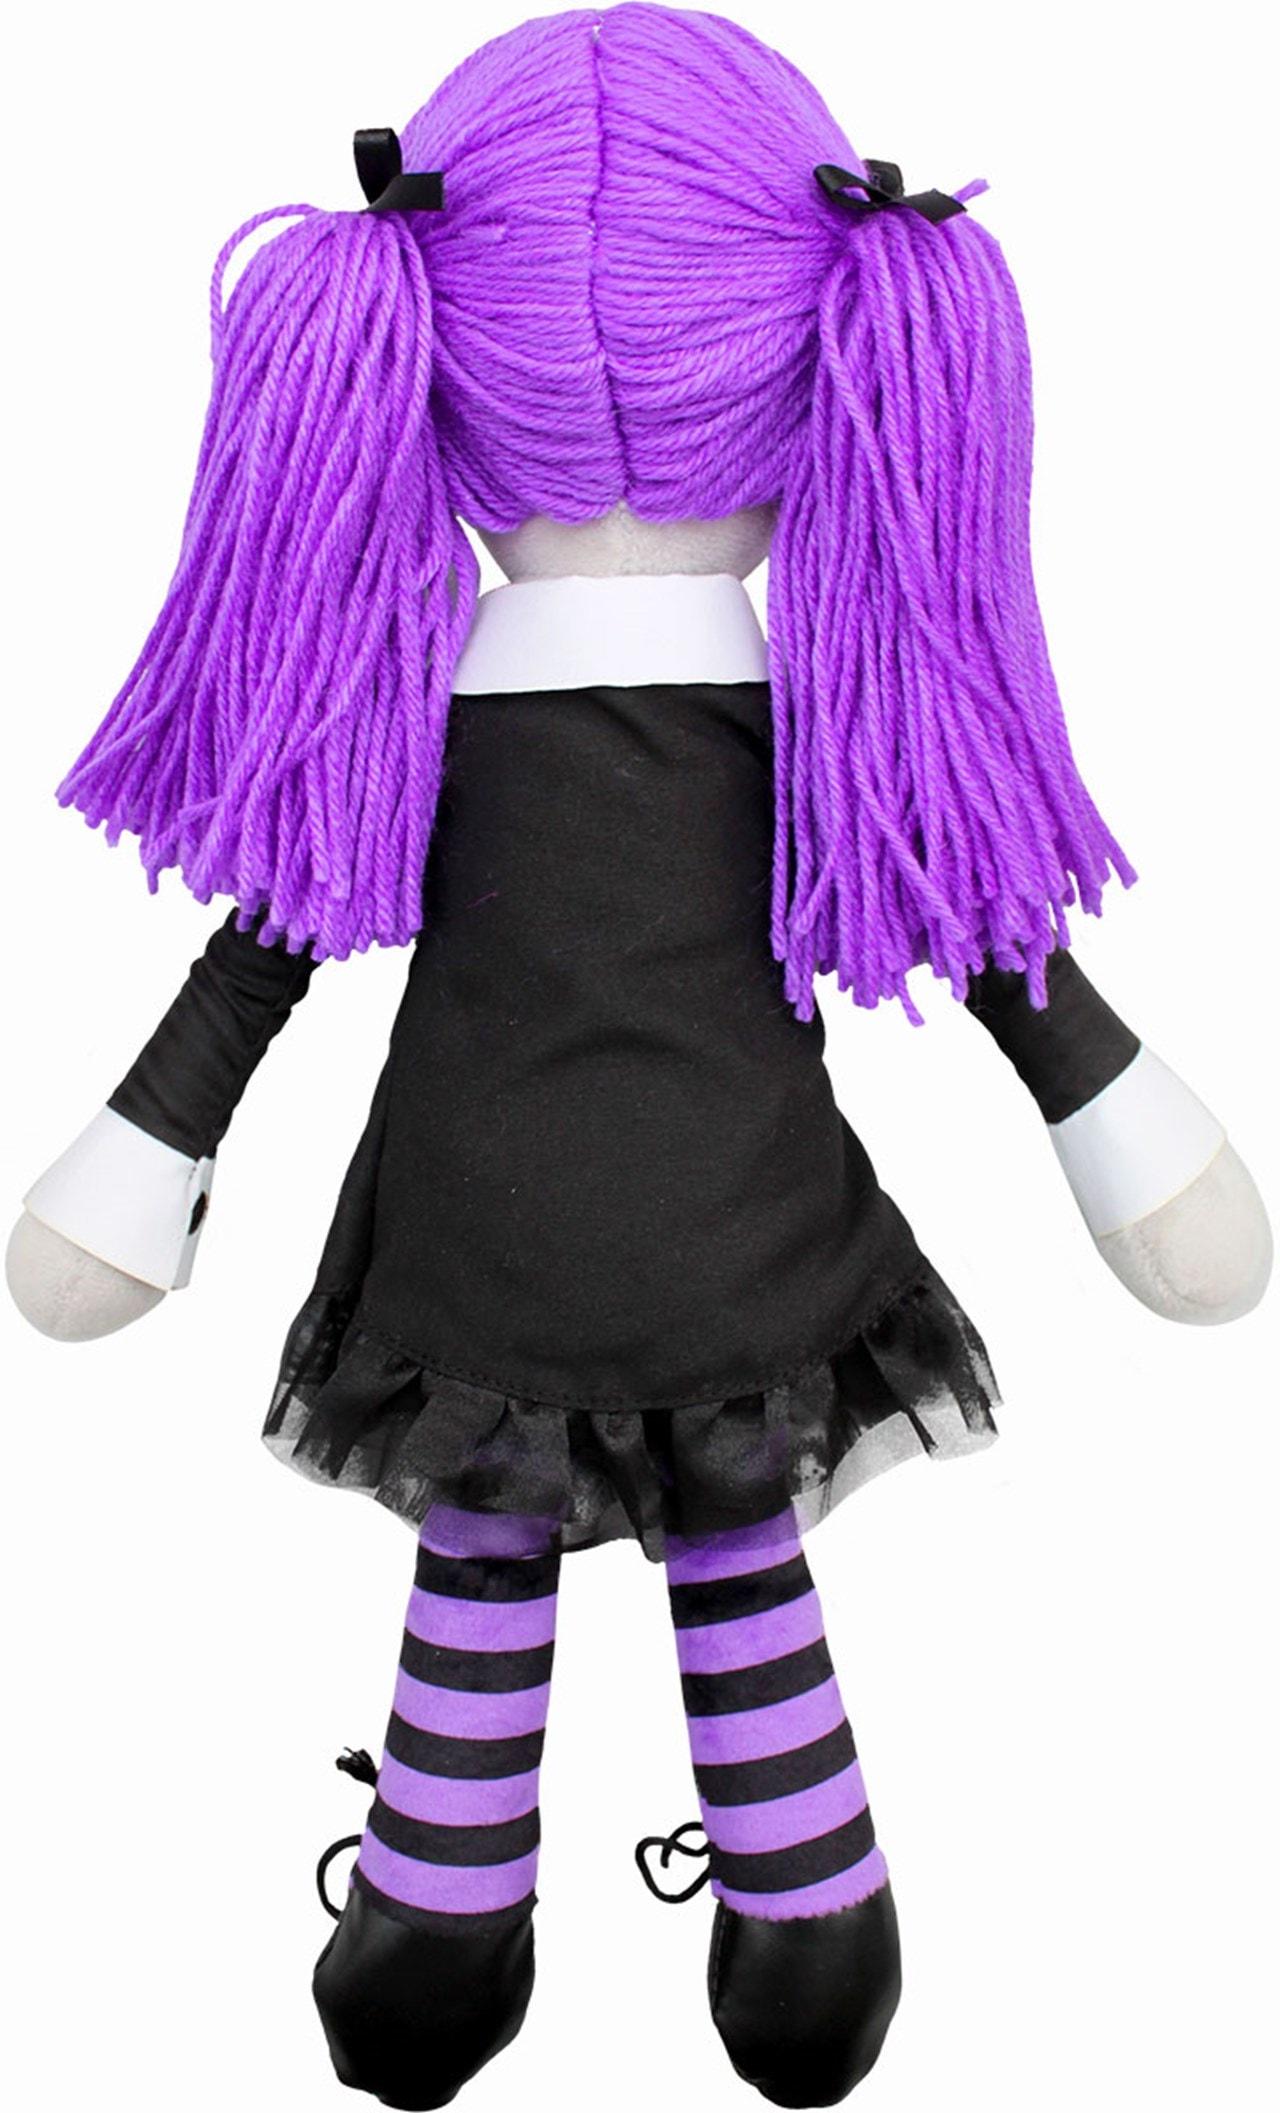 Viola: The Goth Rag Doll - 2